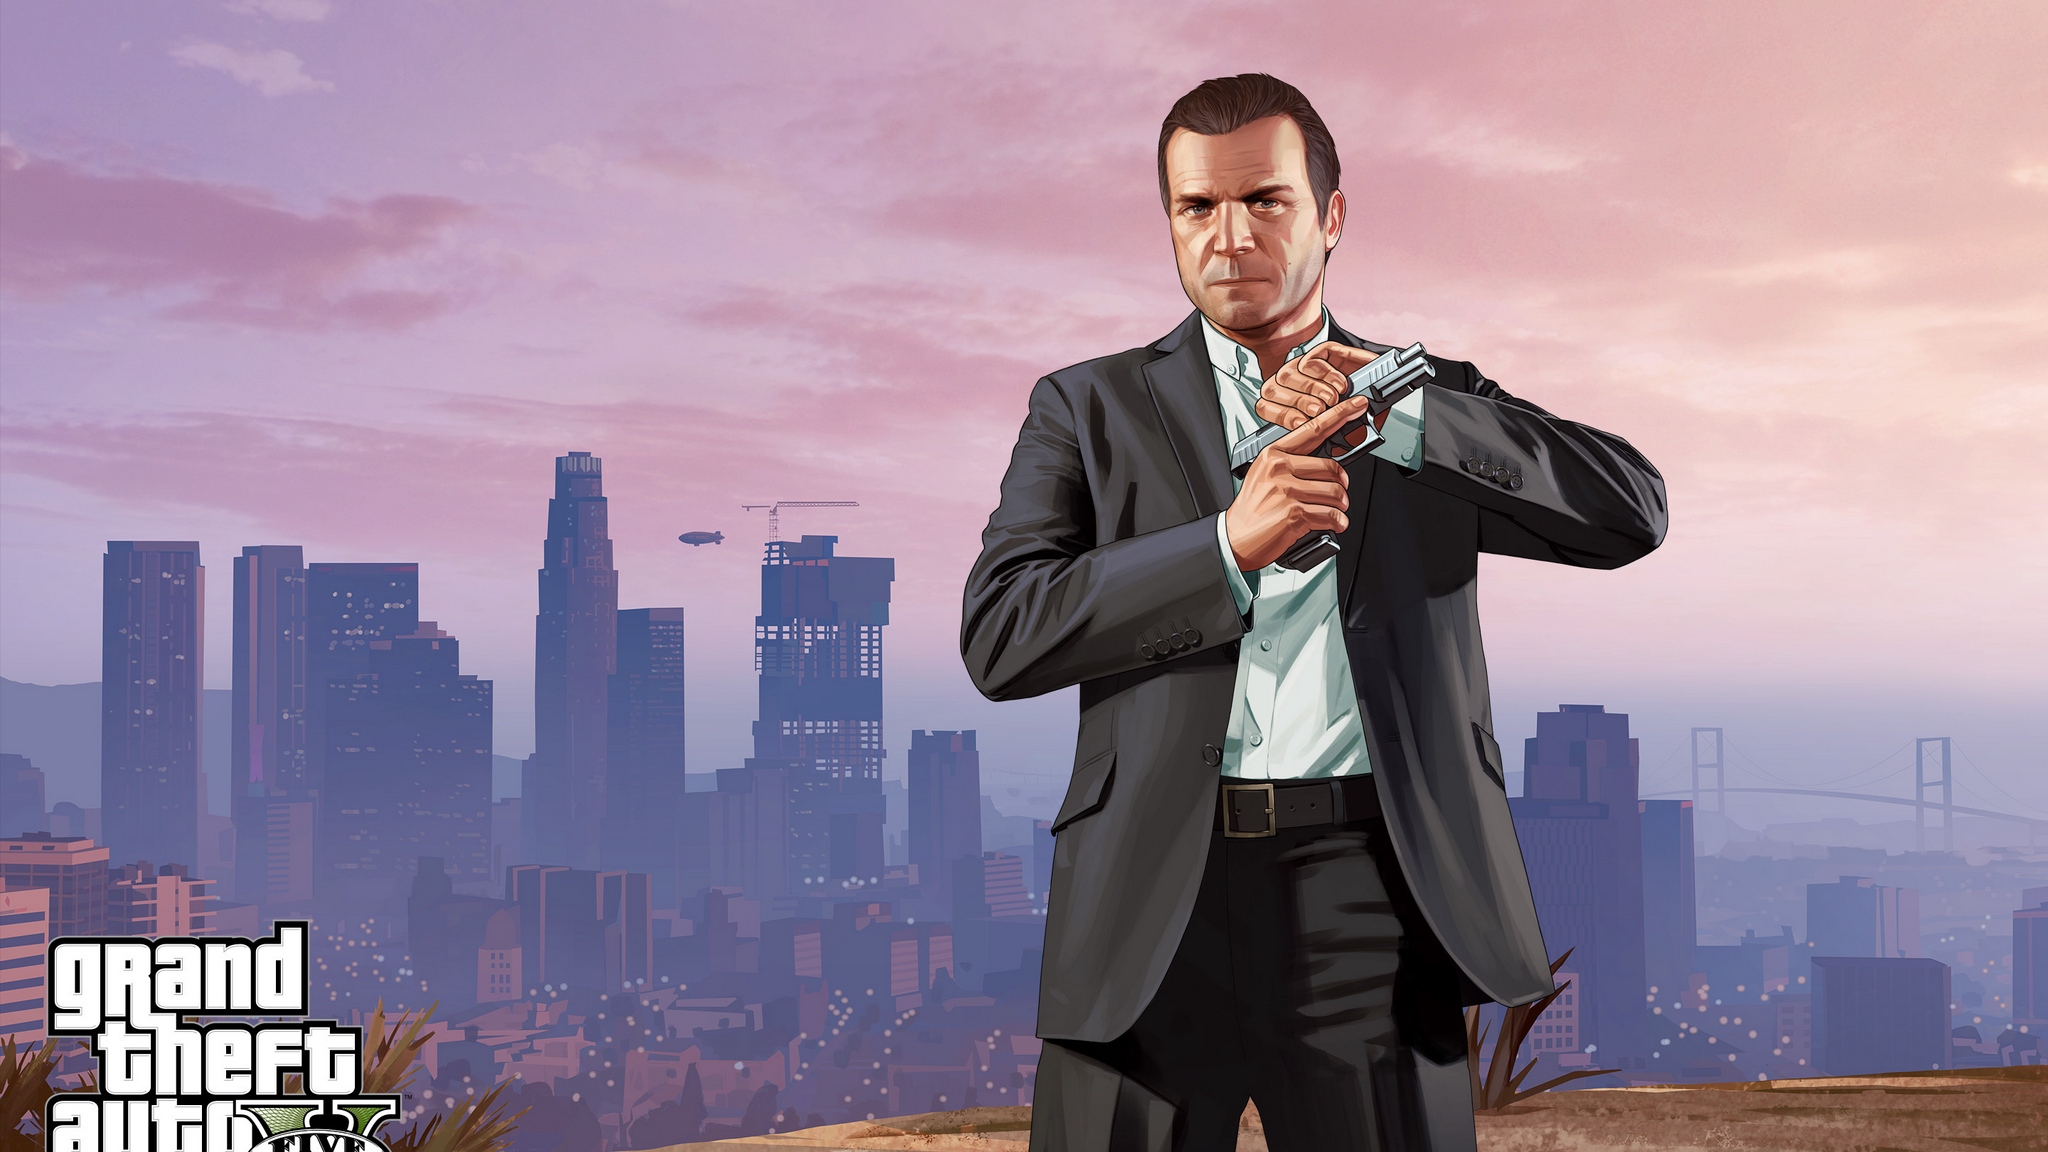 Wallpaper Grand Theft Auto V, Los Santos, Michael, - Michael De Gta 5 , HD Wallpaper & Backgrounds